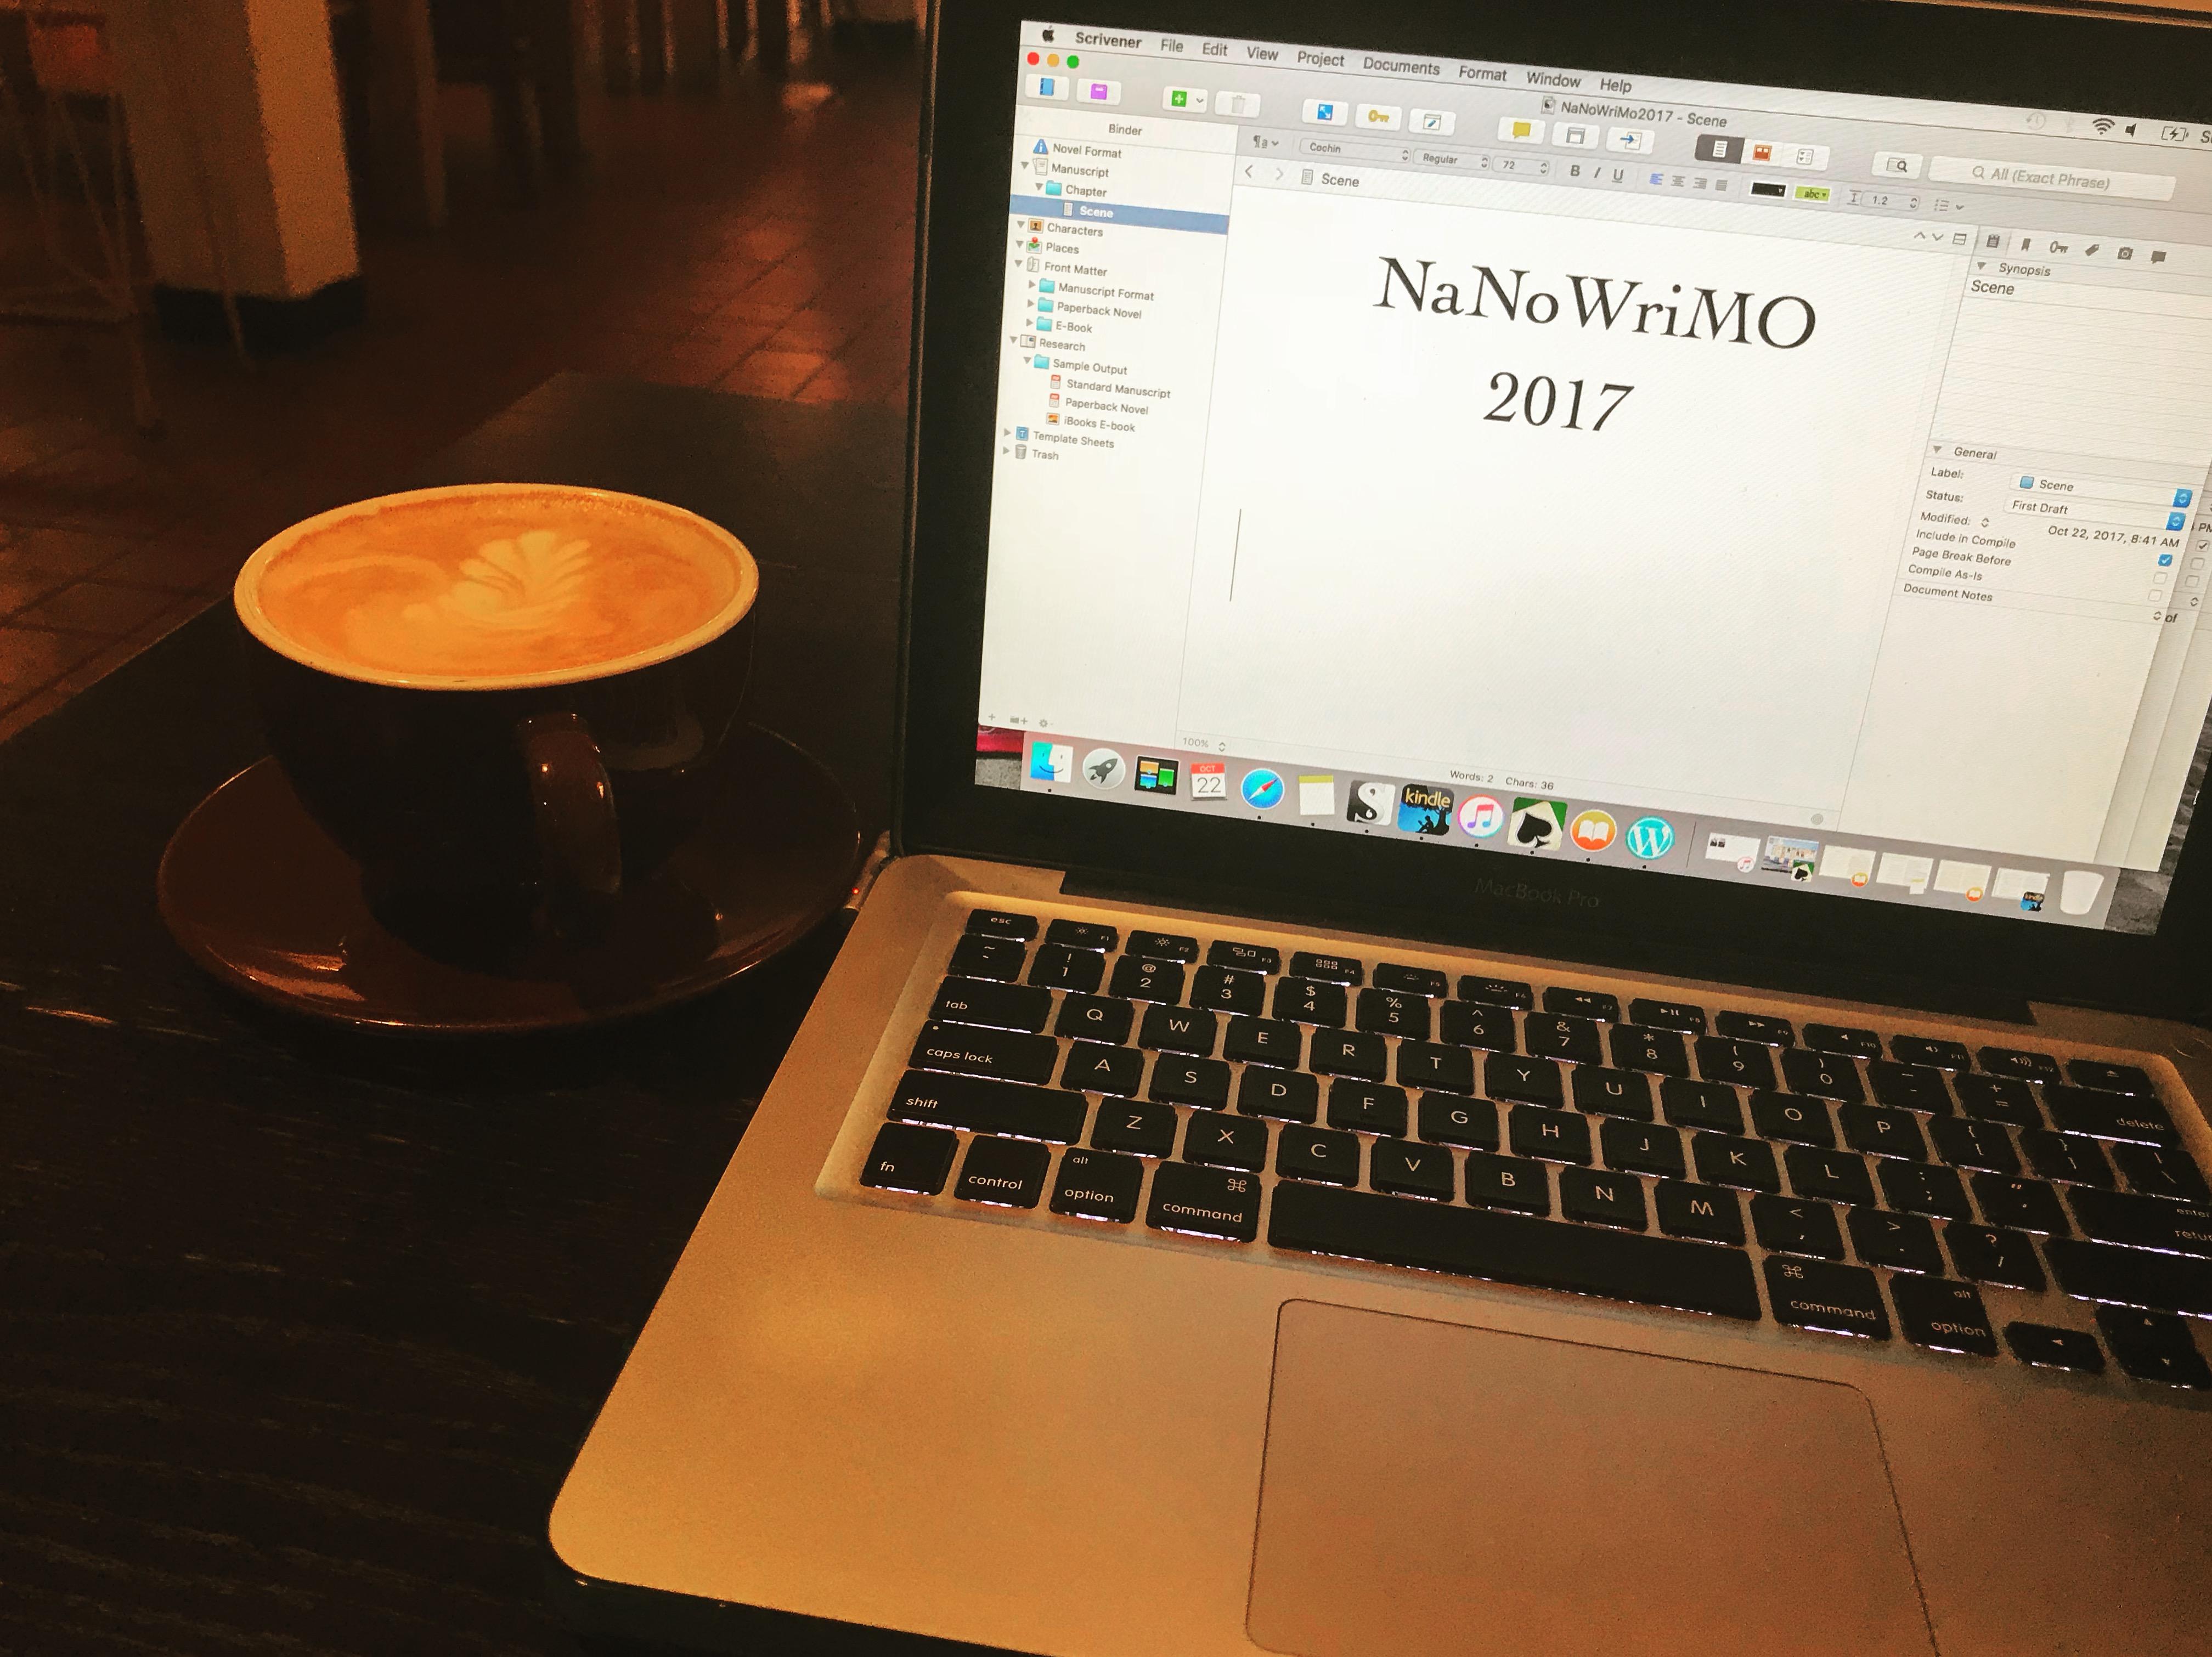 Ten Years Of NaNoWriMo